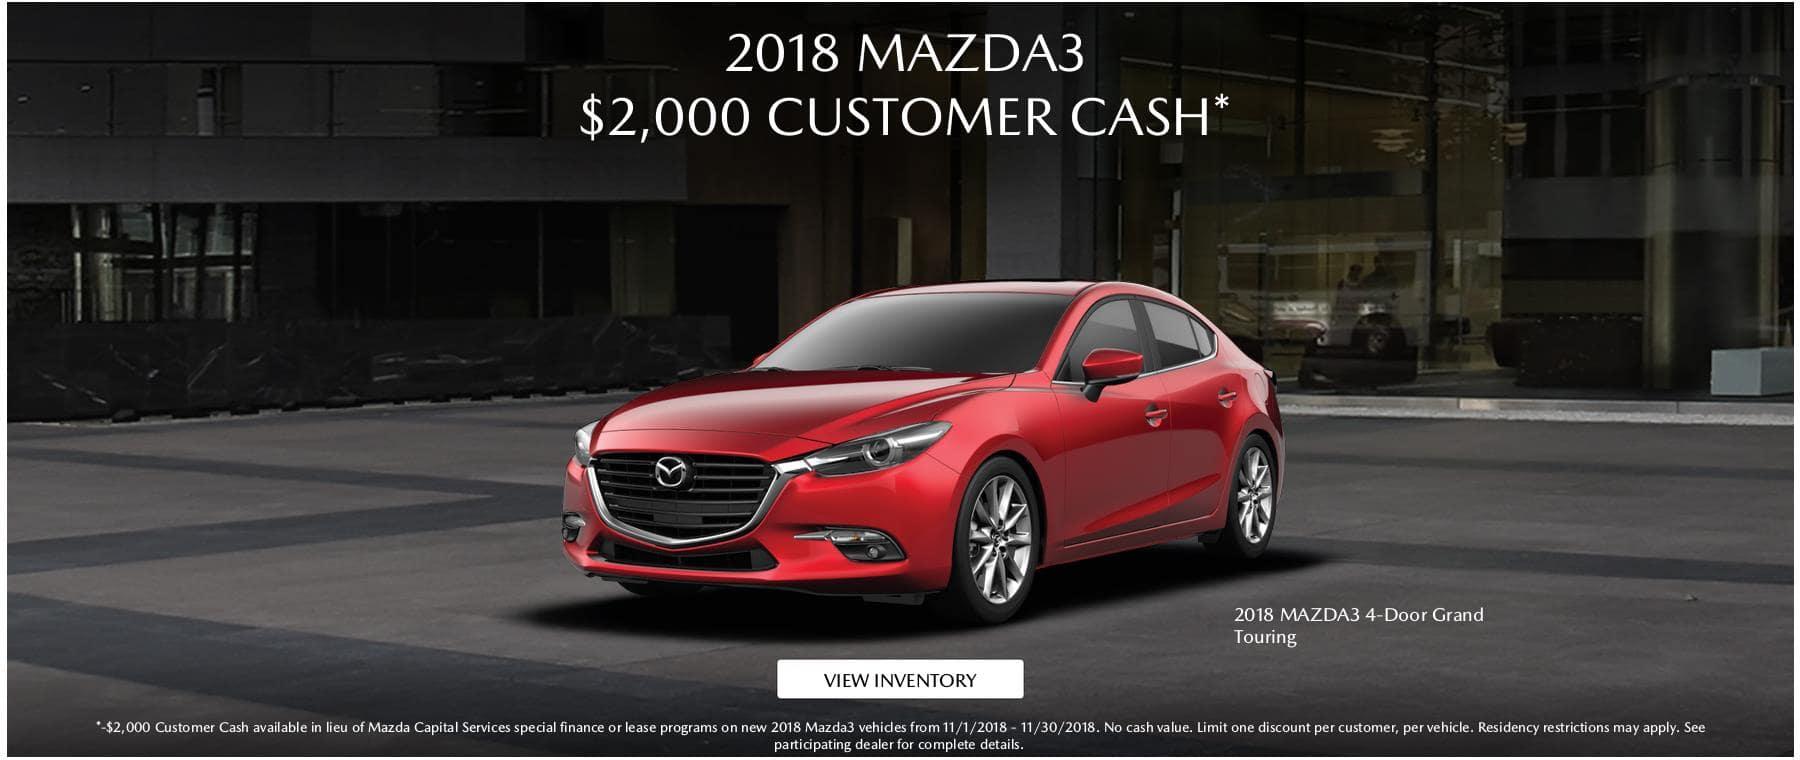 2018 Mazda3 2000 CC